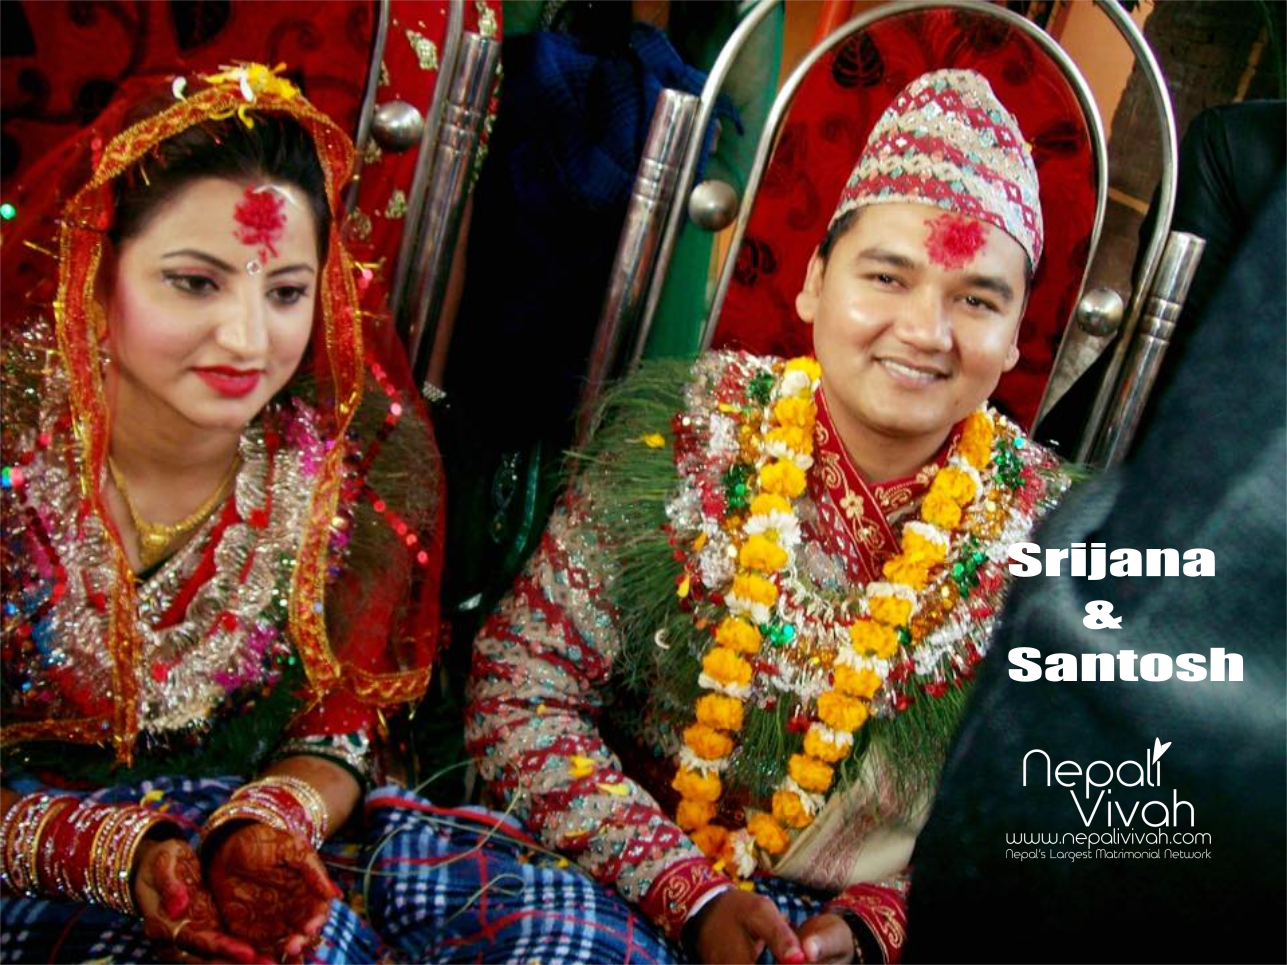 srijana-santosh-nepalivivah-com-success-story